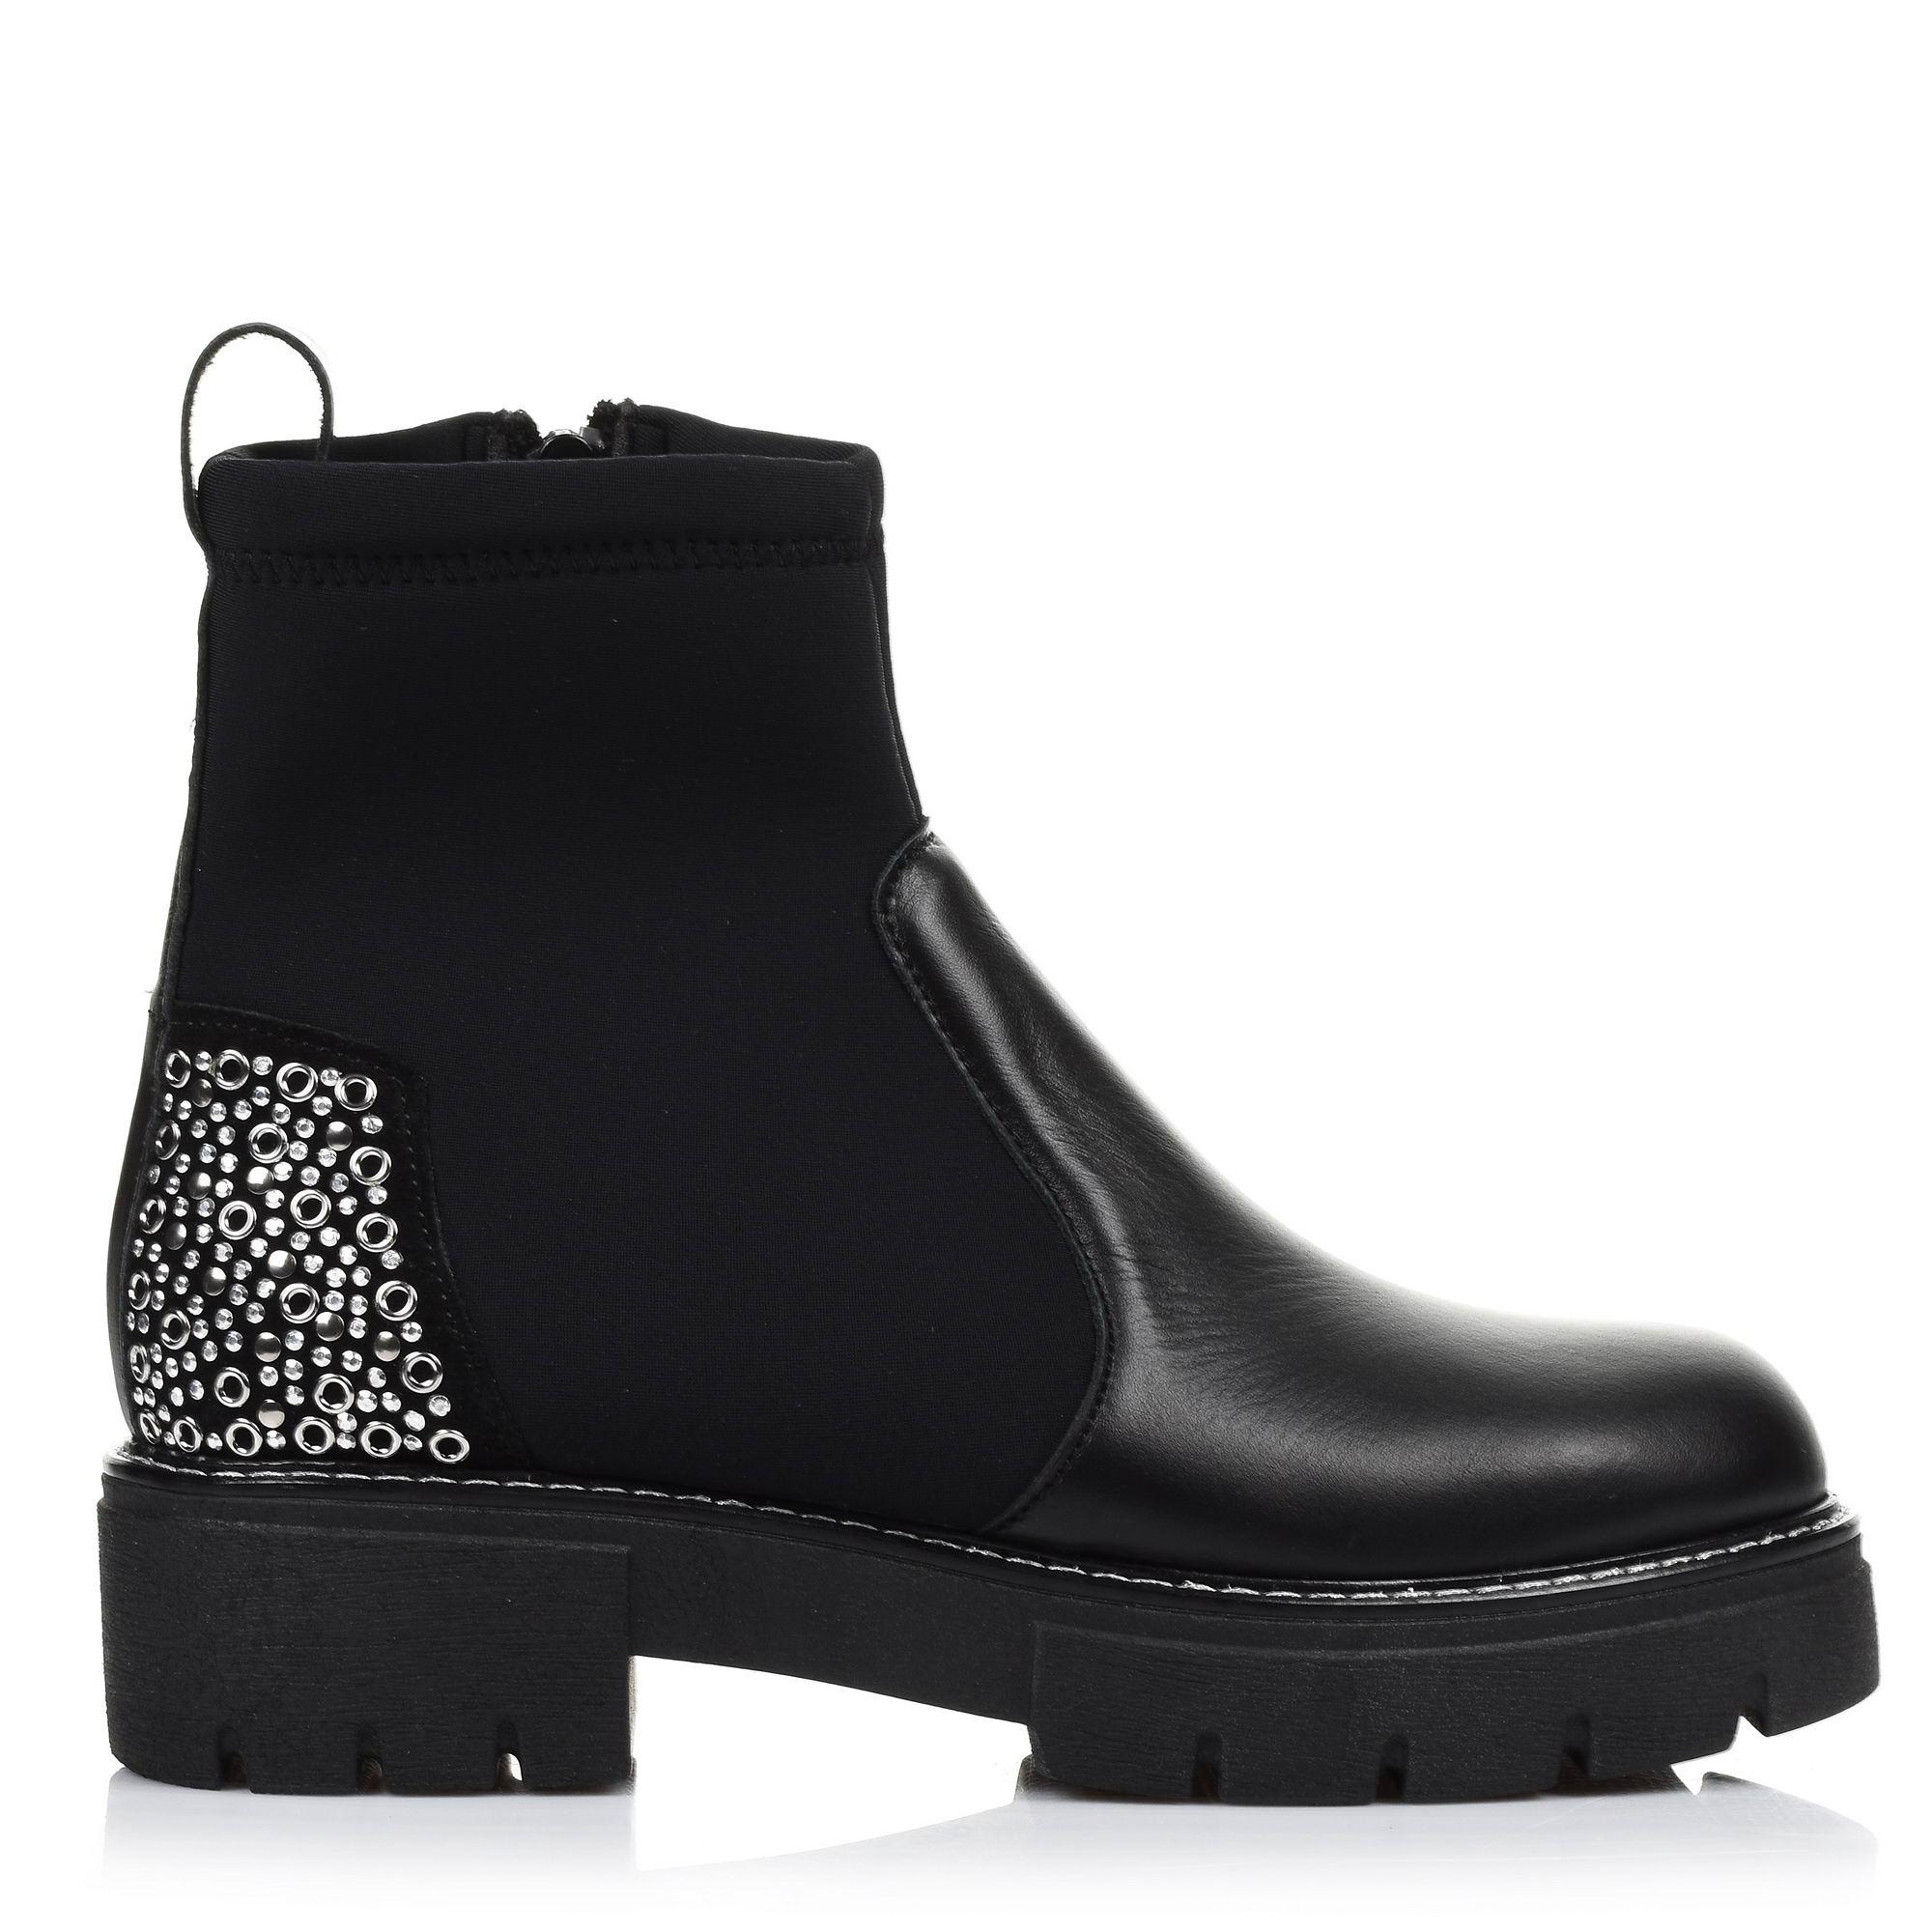 Δερμάτινα Μποτάκια Nitro Fashion SX1155 γυναικα   γυναικείο παπούτσι